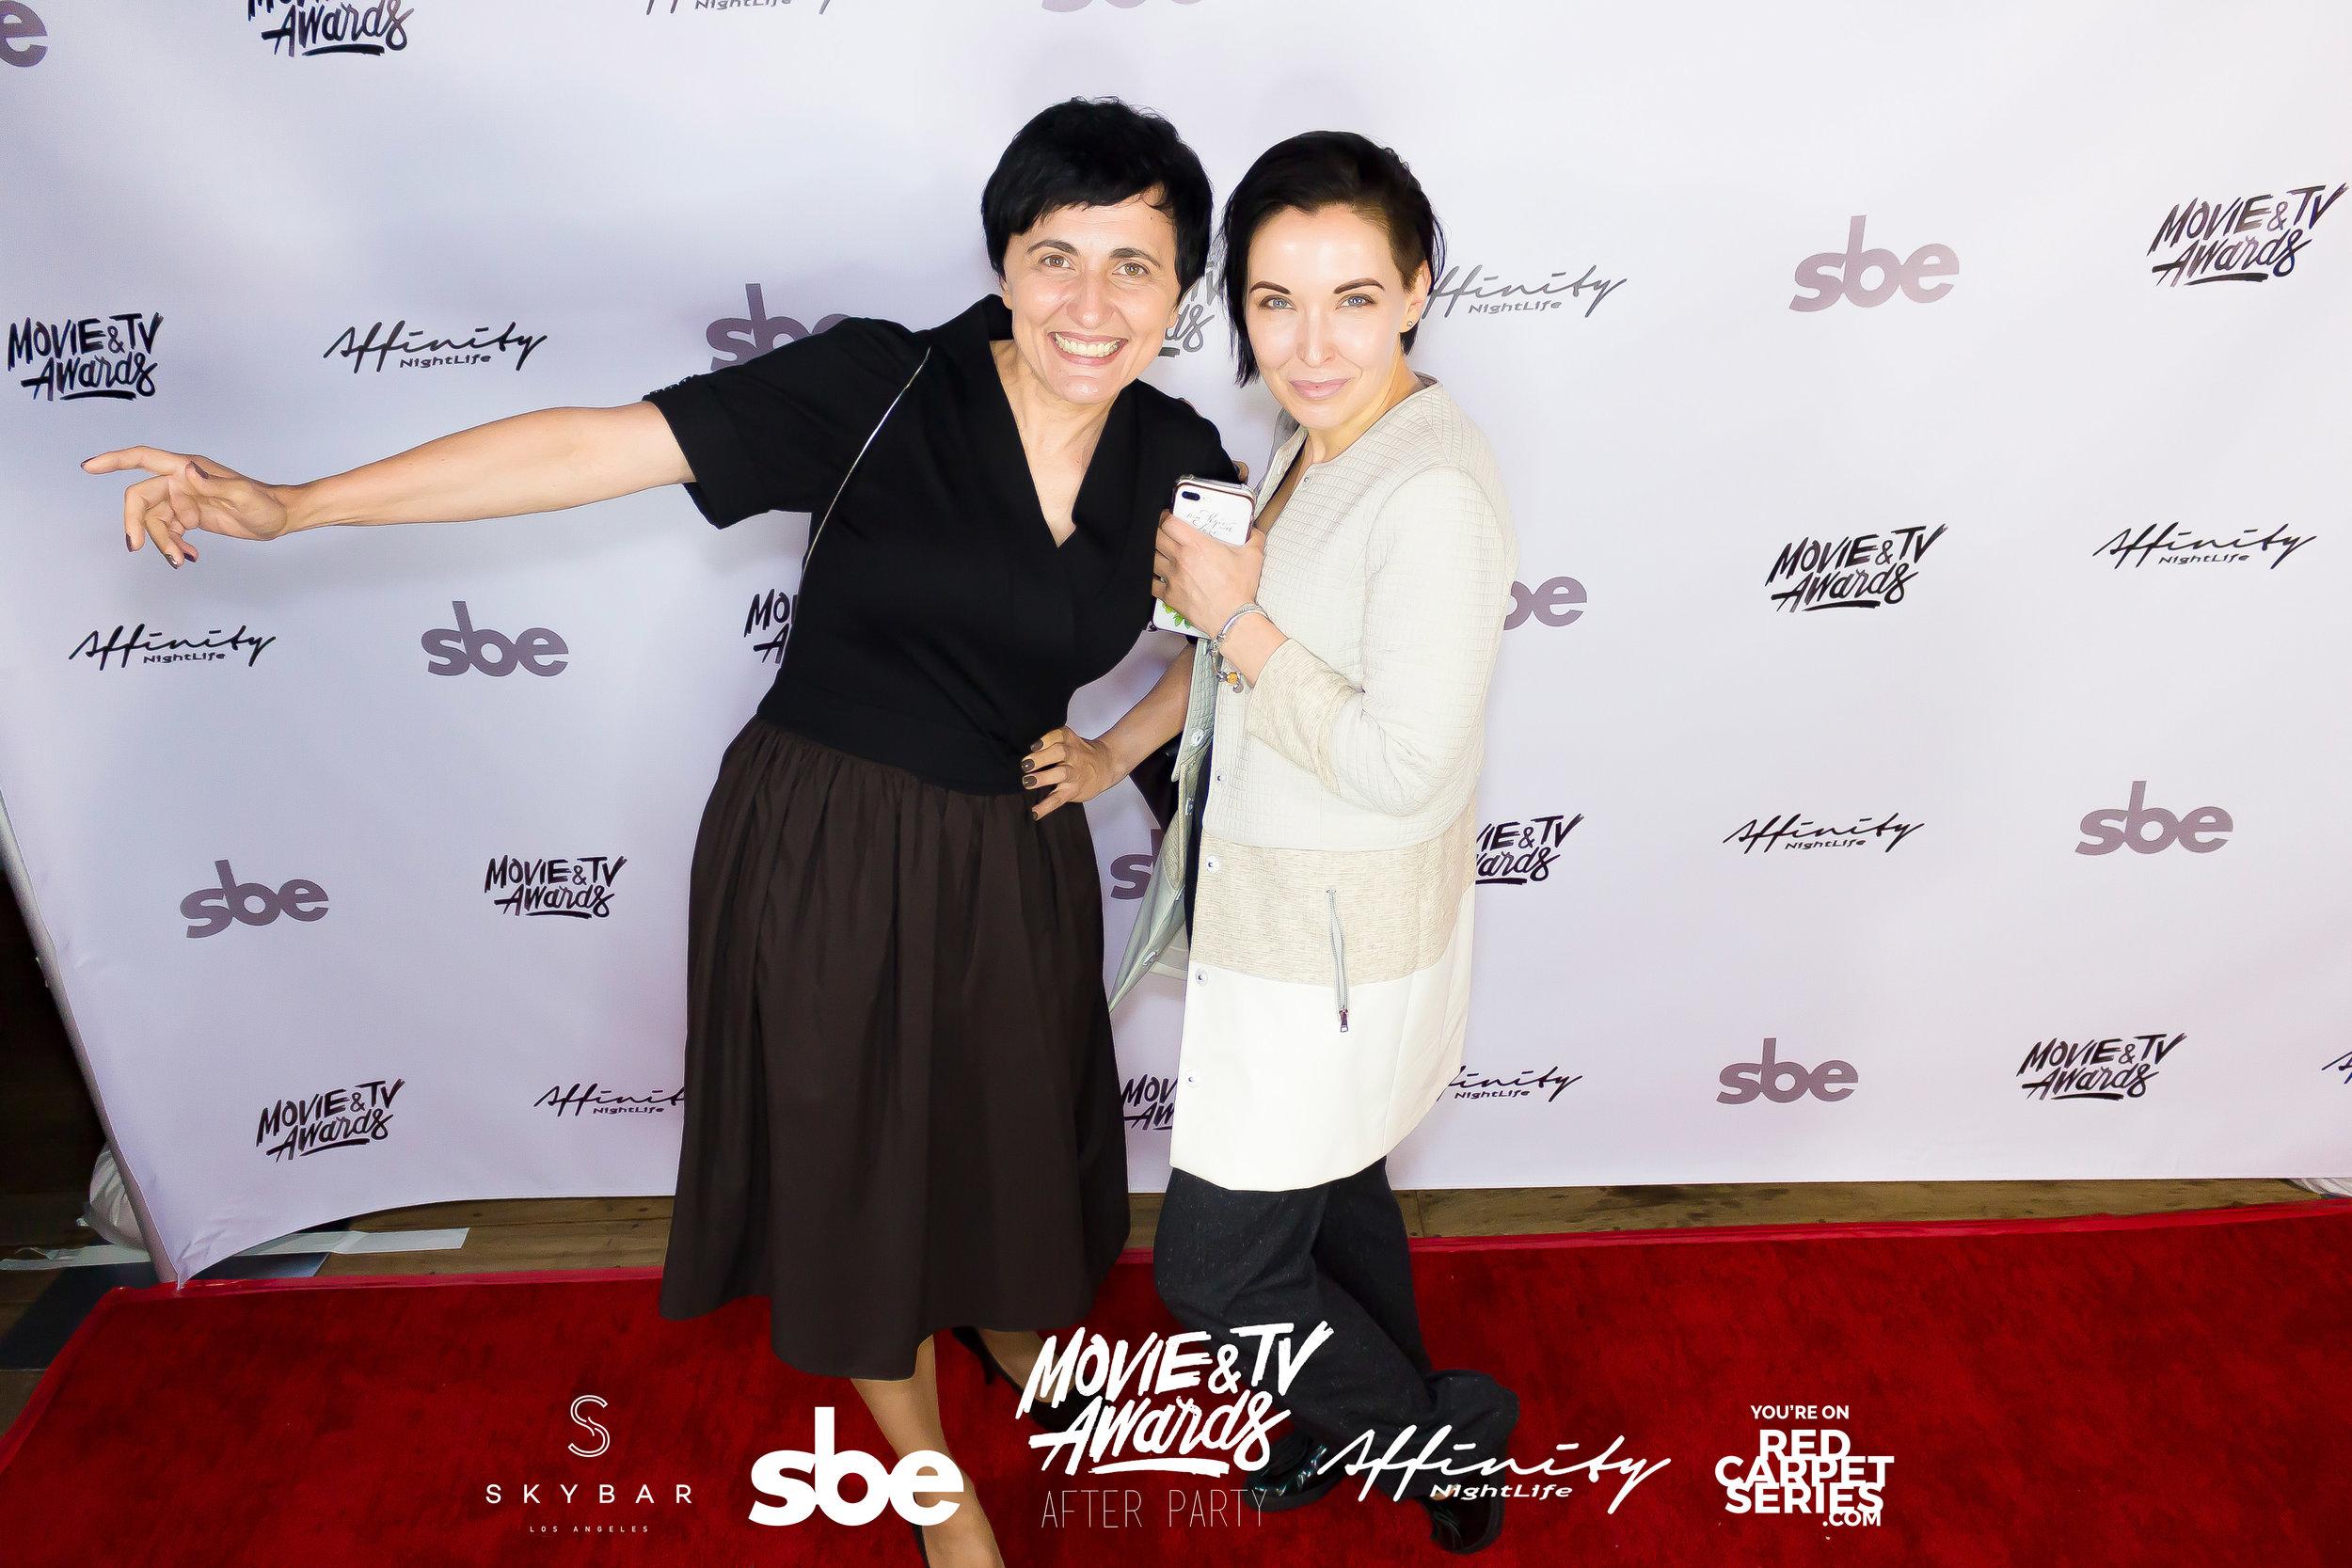 Affinity Nightlife MTV Movie & TV Awards After Party - Skybar at Mondrian - 06-15-19 - Vol. 2_98.jpg